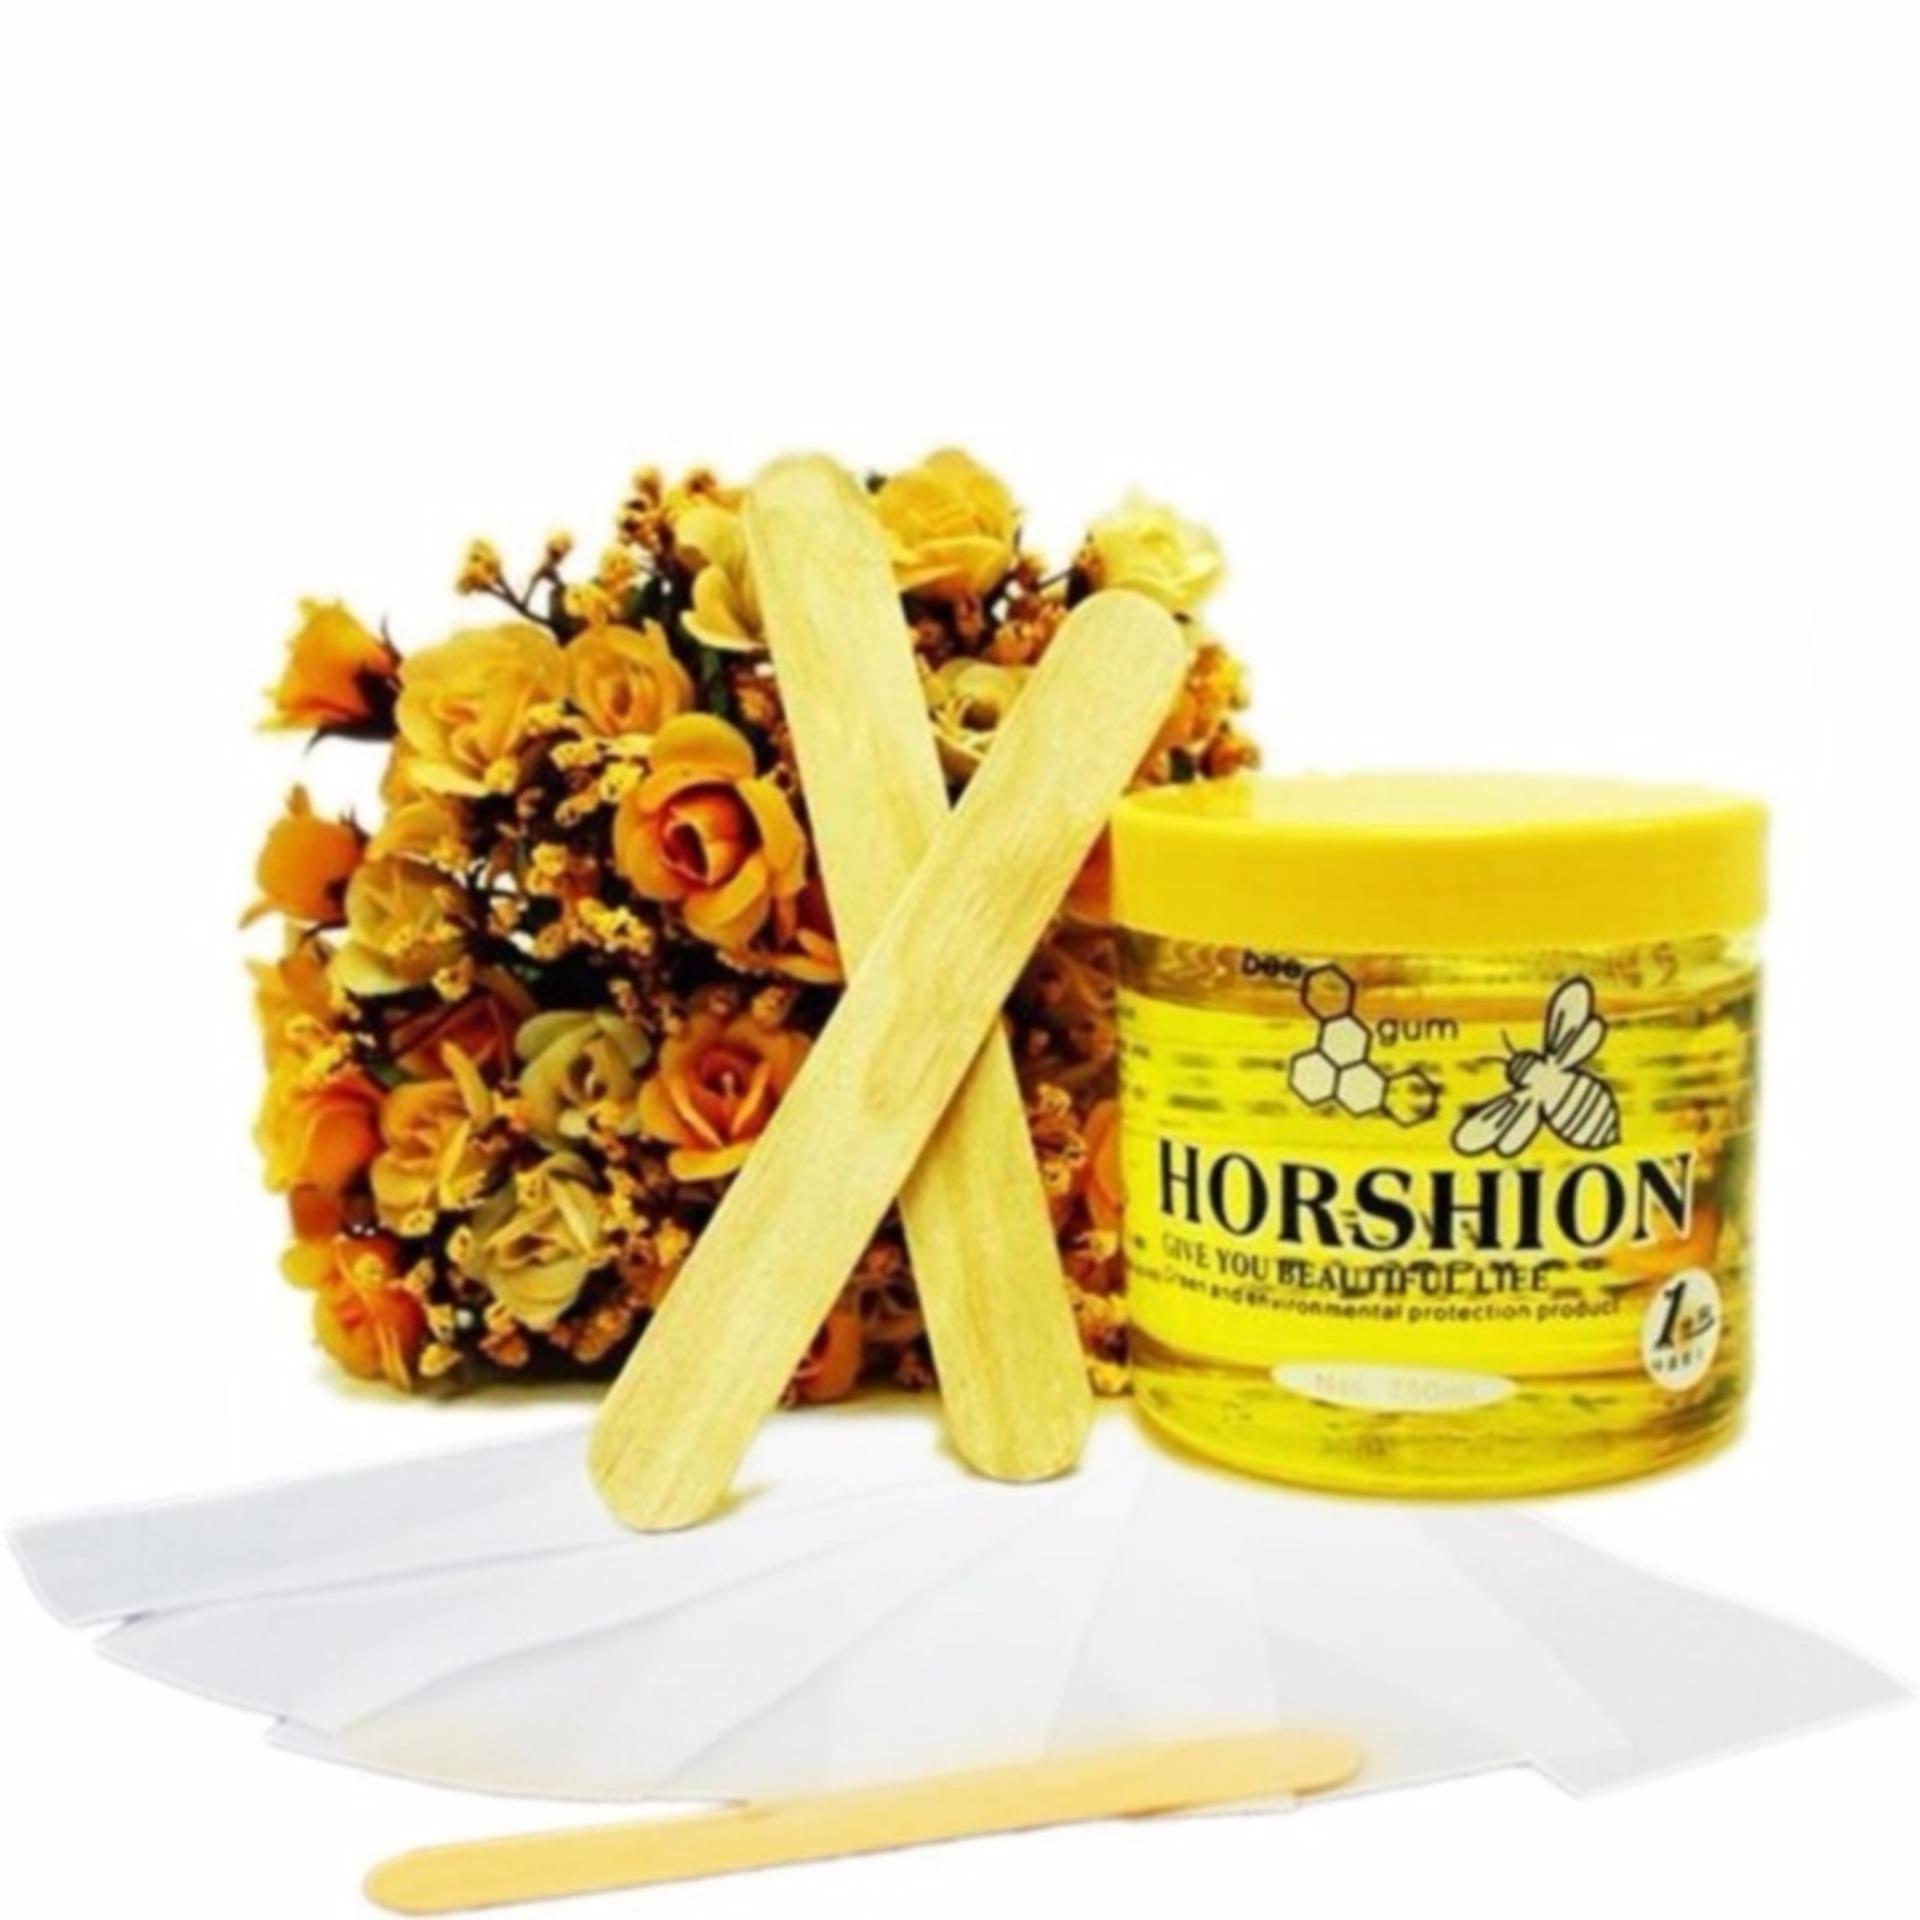 Bộ 1 Gel Wax lạnh tẩy lông Horshion và giấy Wax lông cao cấp (100 tờ)